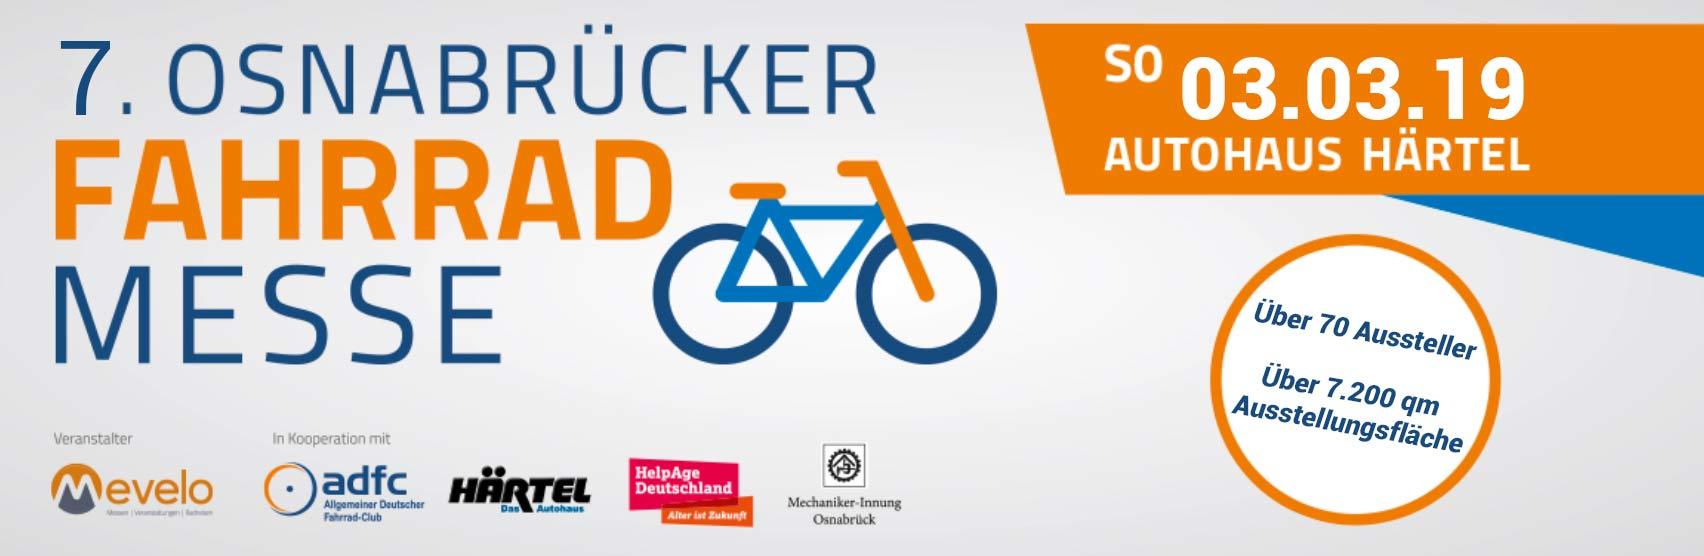 Header-7.-Osnabrücker-Fahrradmesse